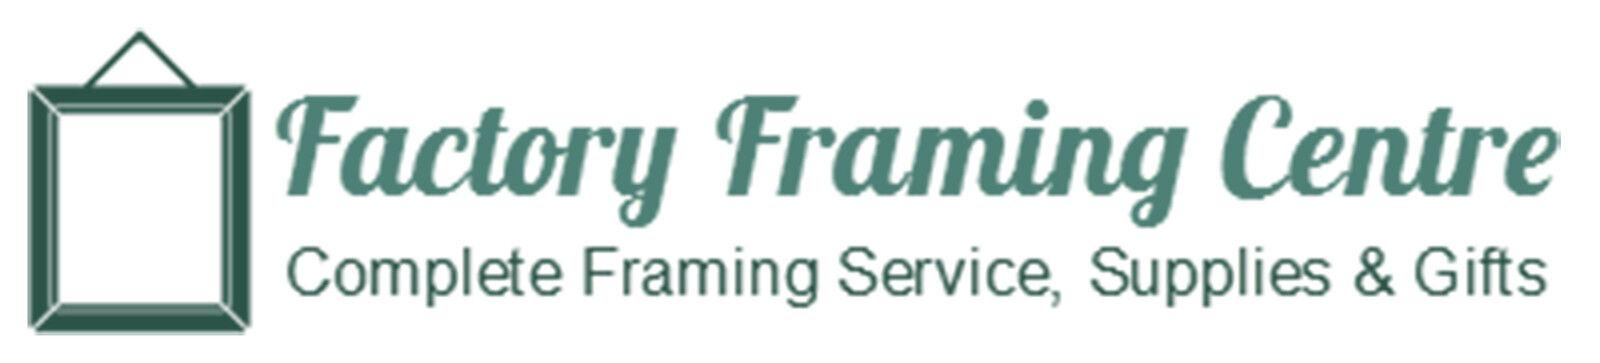 Factory Framing Centre